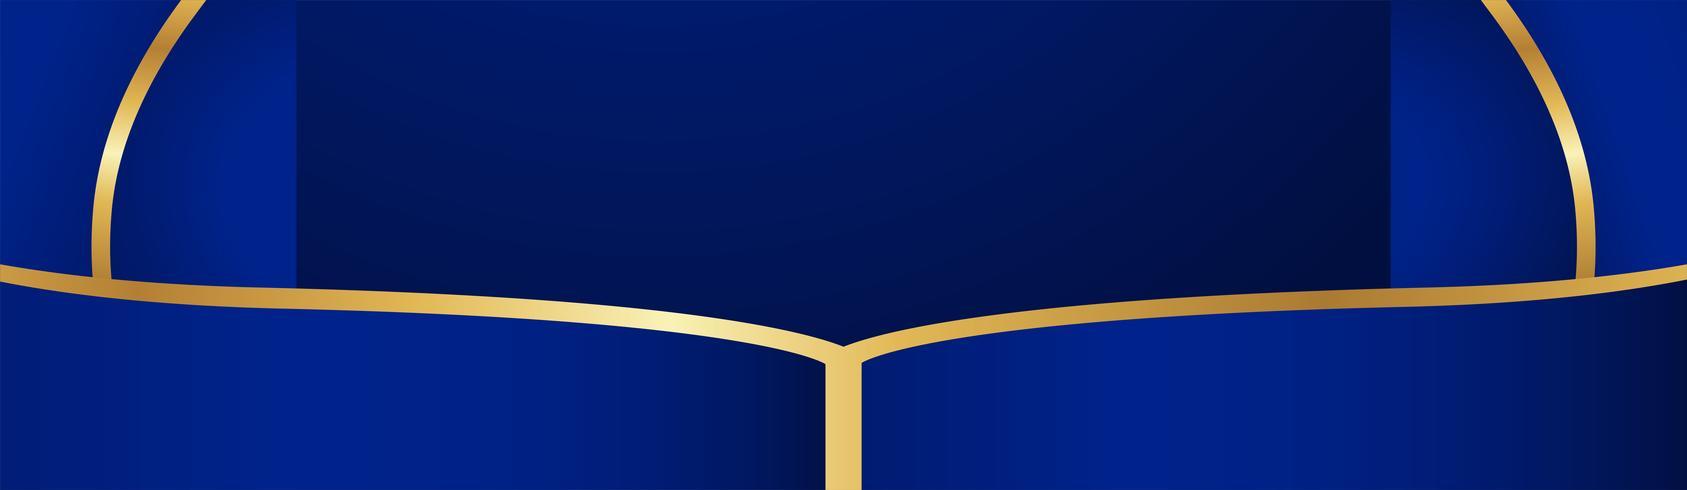 Fundo azul abstrato no estilo indiano superior. Modelo de design para capa, apresentação de negócios, banner web, convite de casamento e embalagens de luxo. Ilustração vetorial com borda dourada. vetor